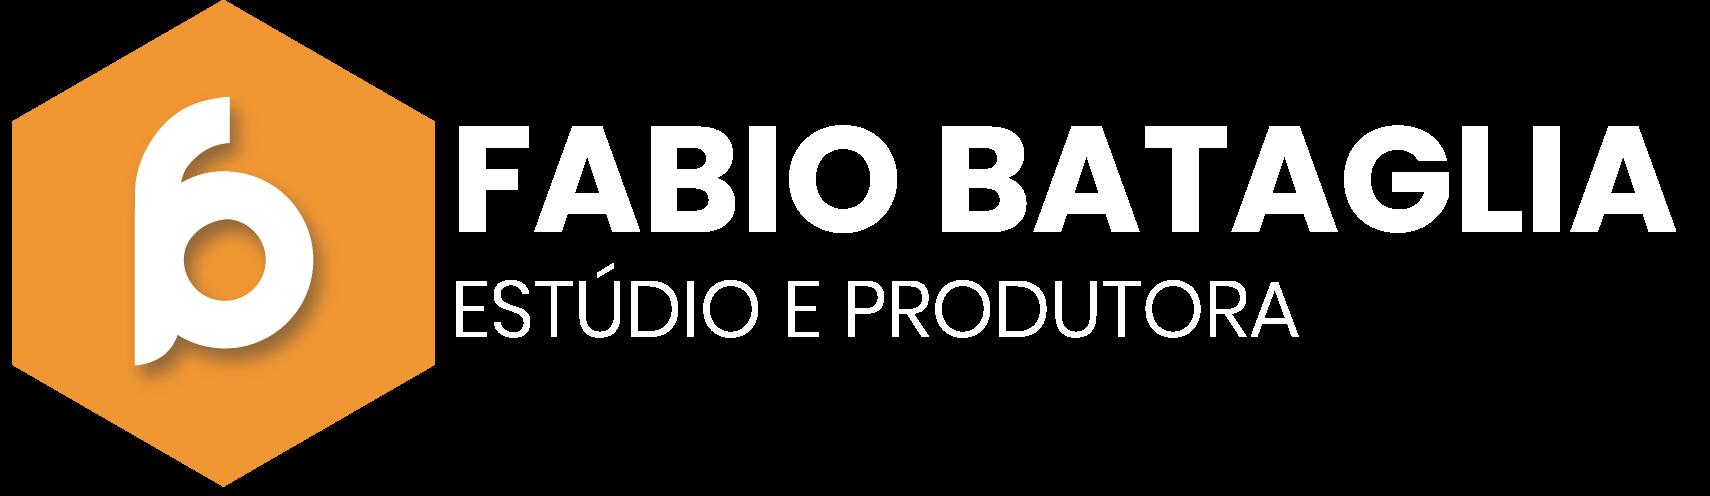 Fabio Bataglia